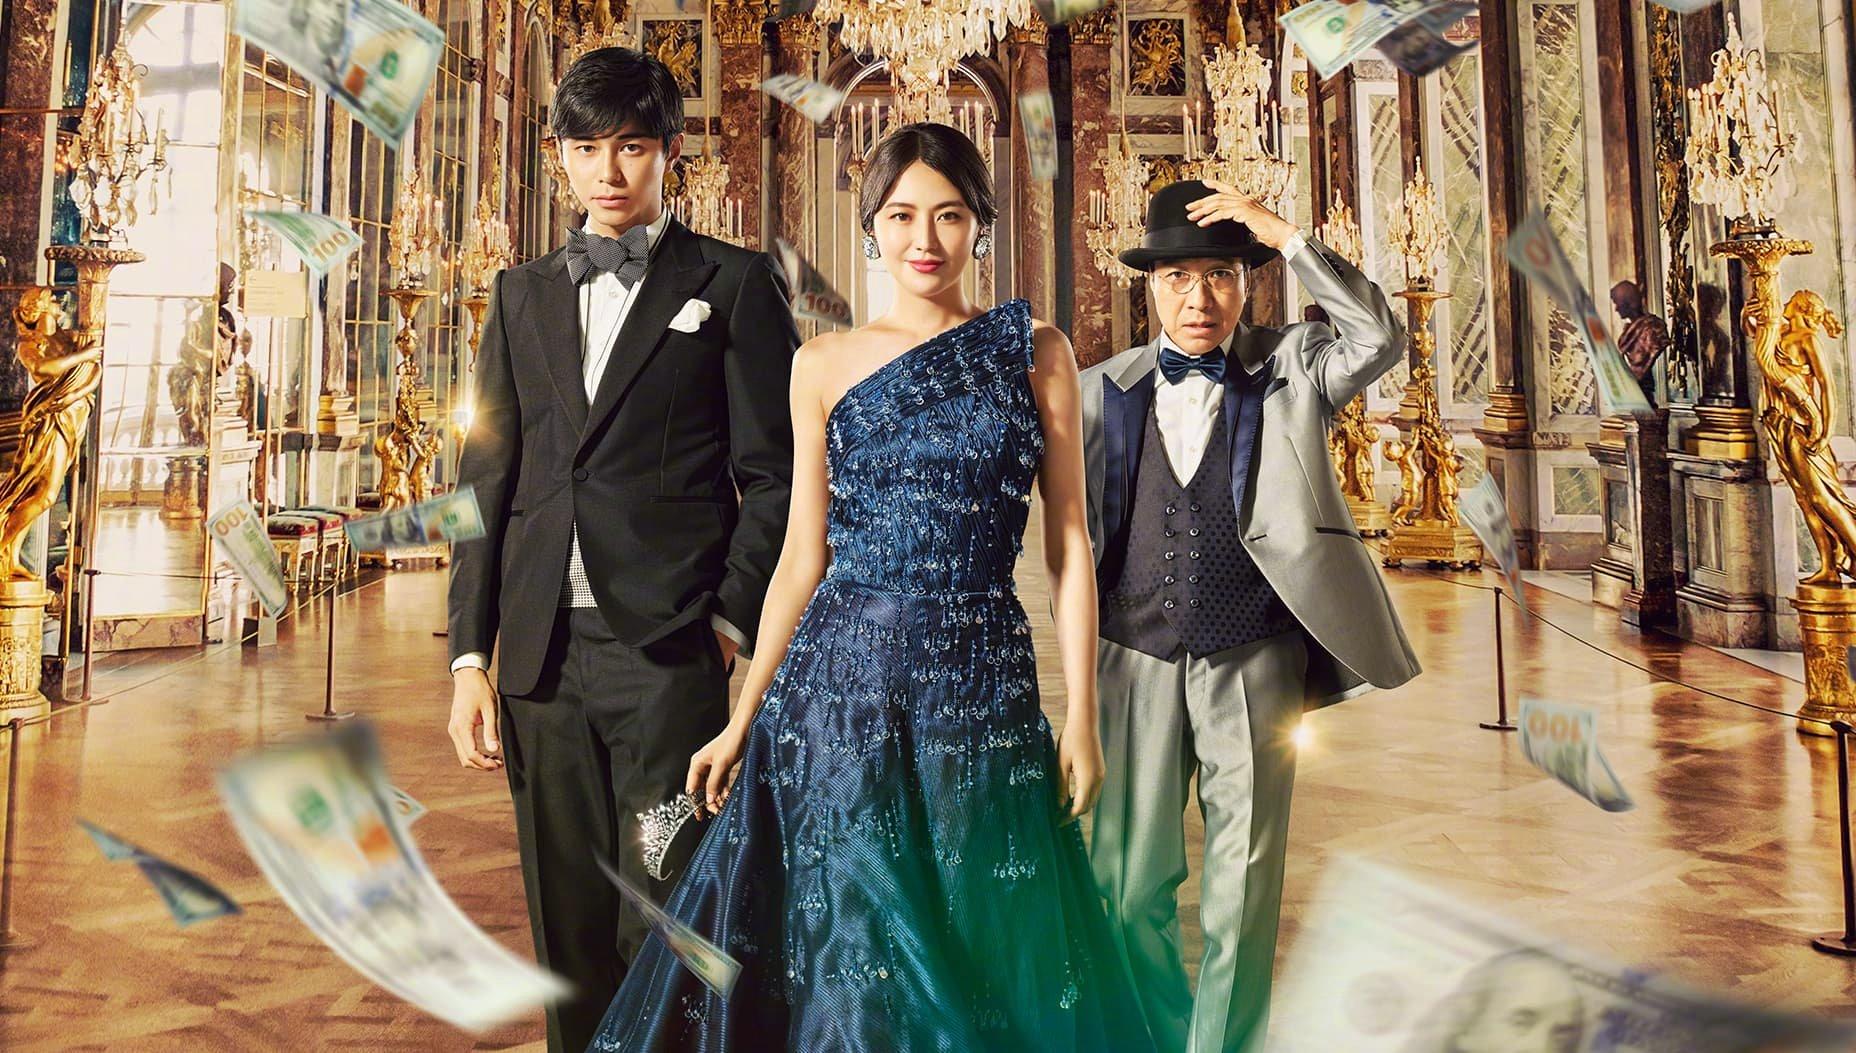 《行骗天下》第3部电影因丑闻确认停拍,长泽雅美望继续图片